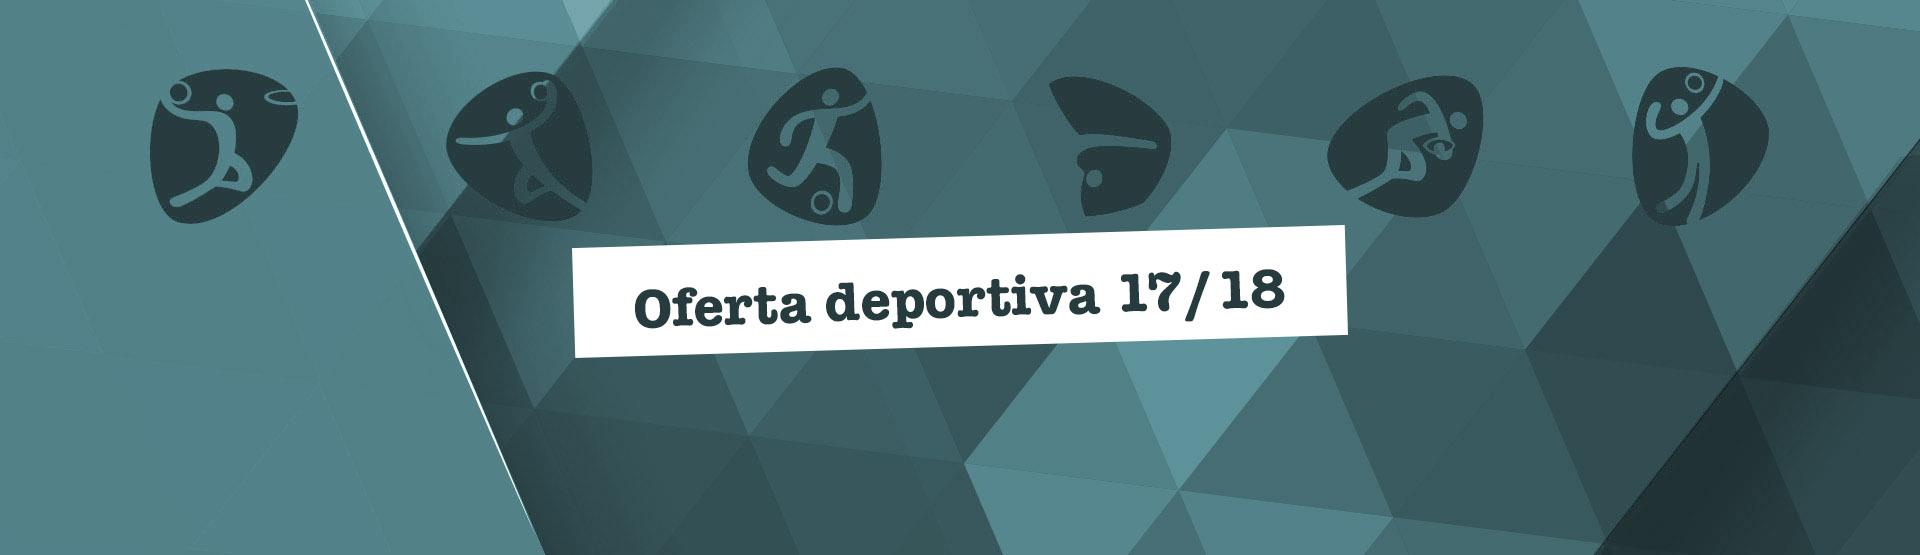 ofertadeportiva1718